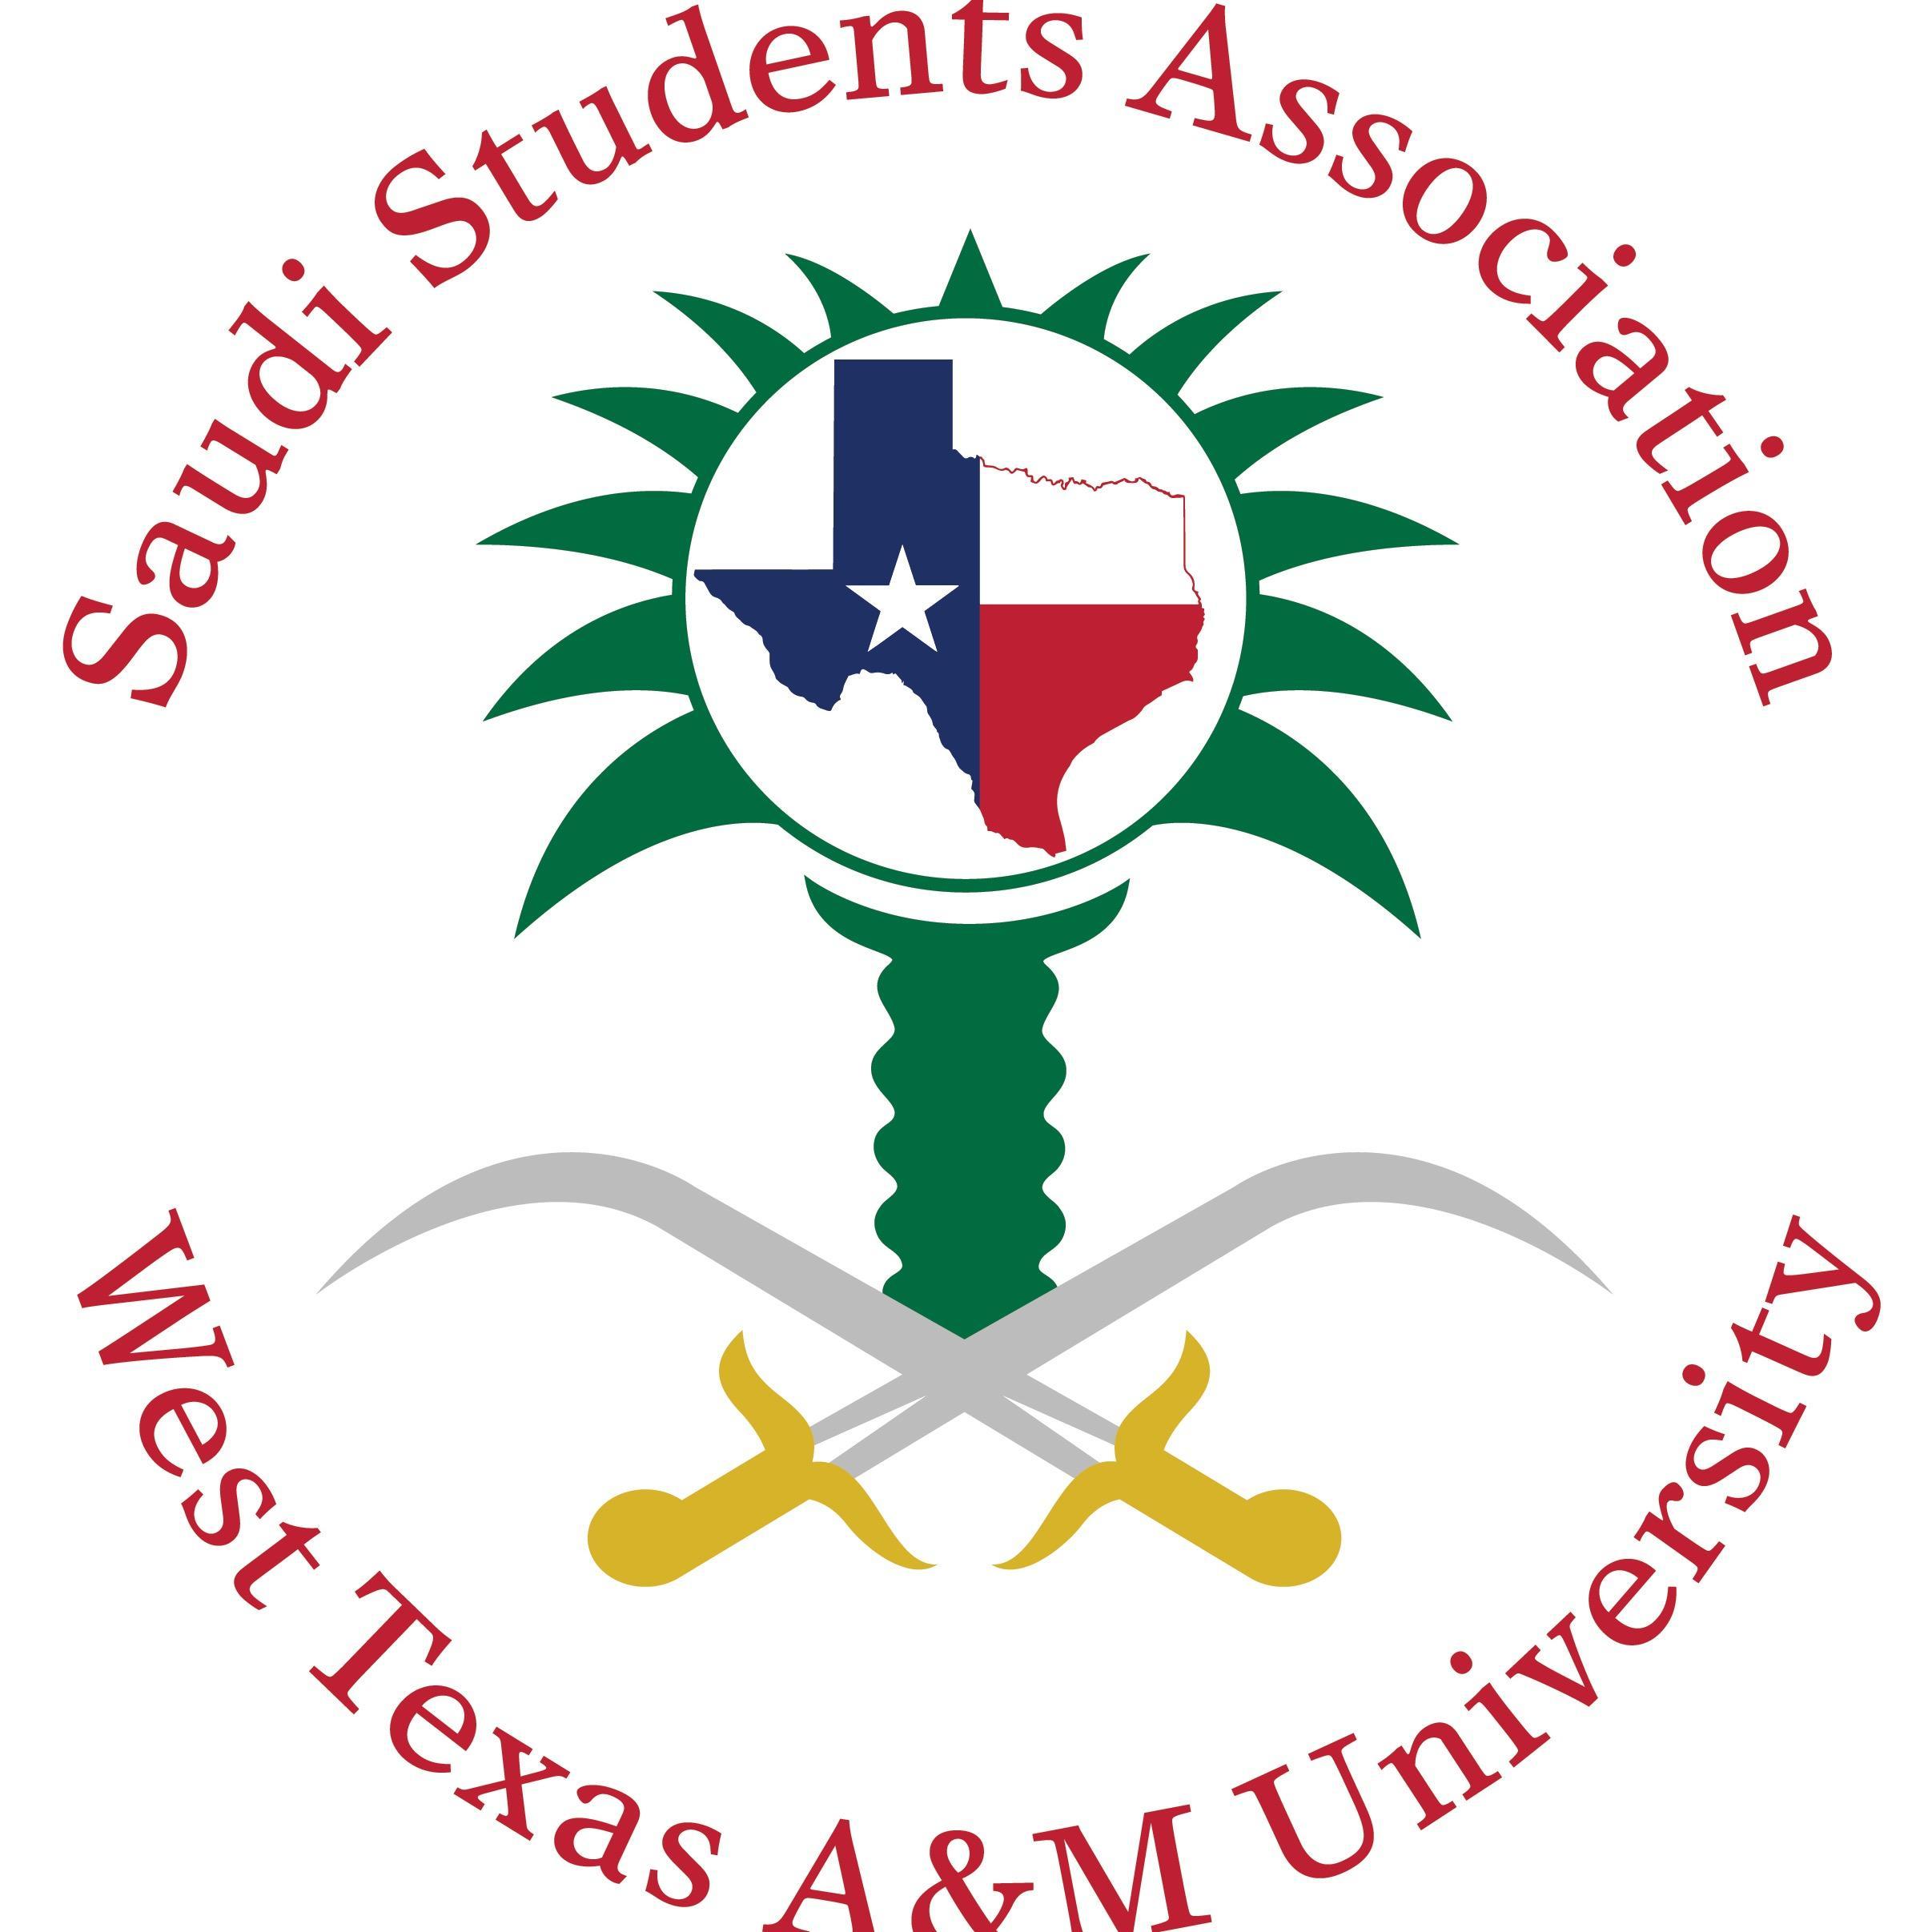 جامعة وست تكساس تنظم حفل ترحيبي للطلاب الجدد